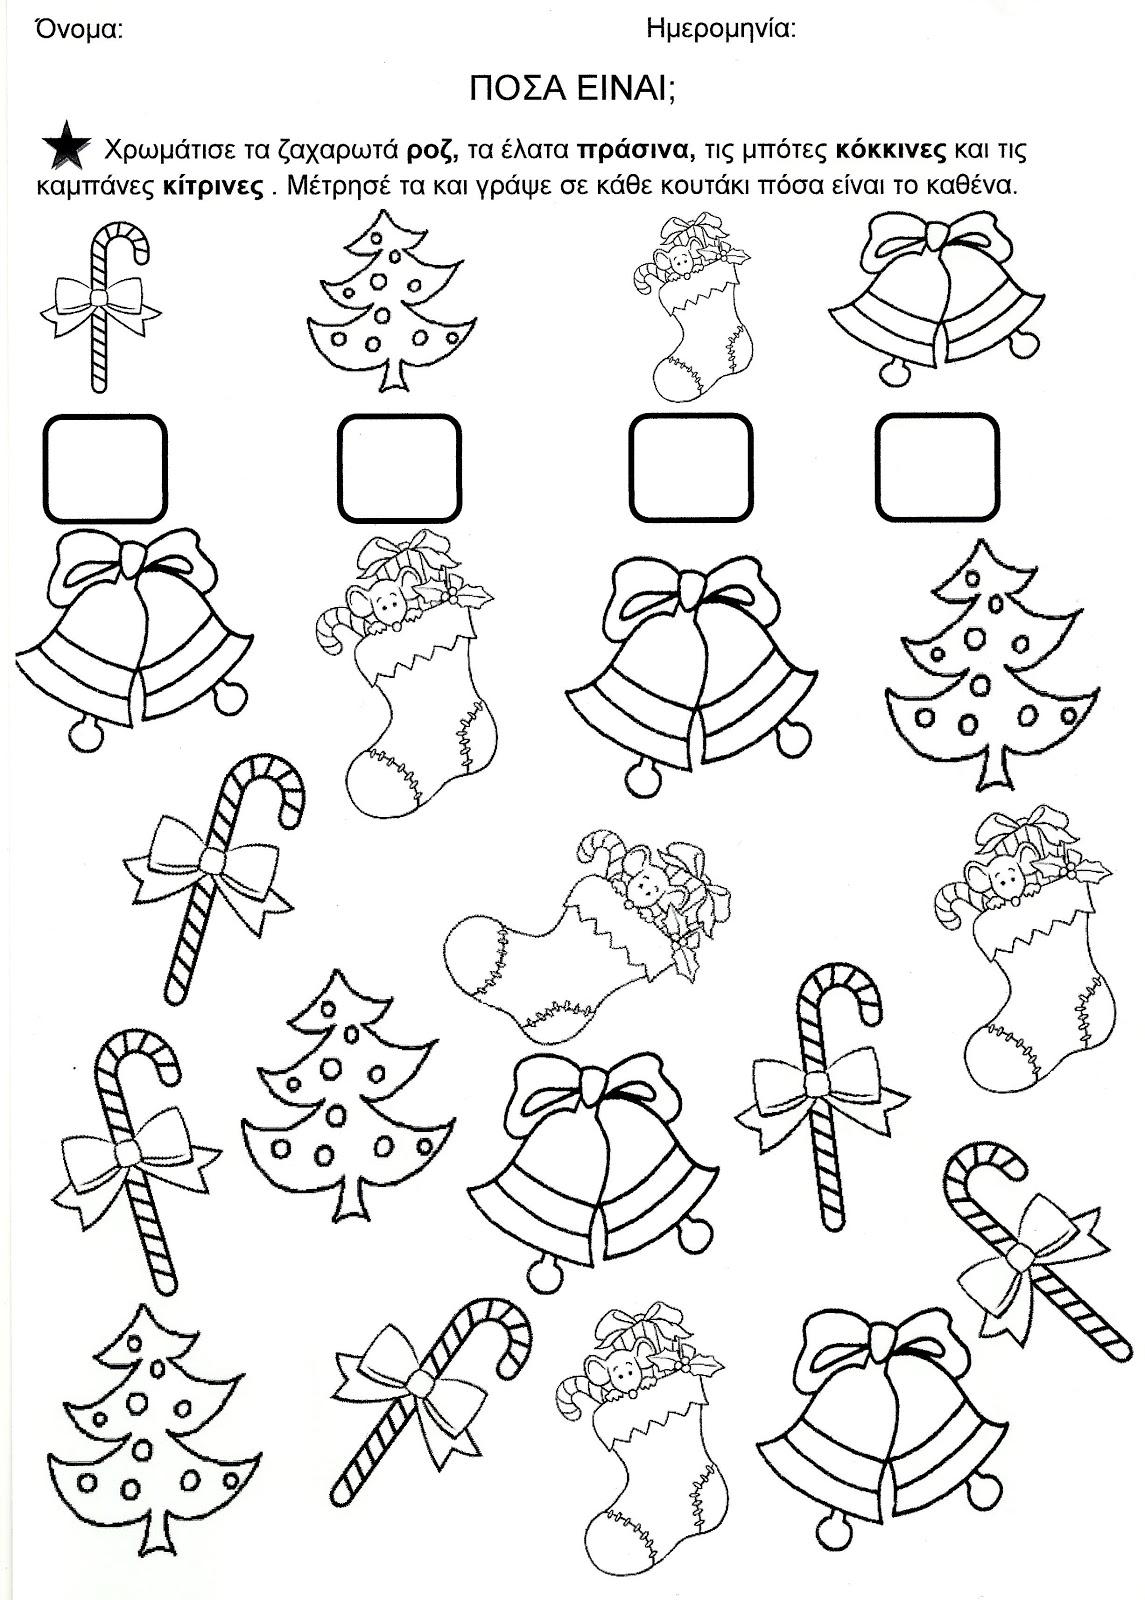 Graphisme Noel Reproduit Les Signes Graphiques Etoiles